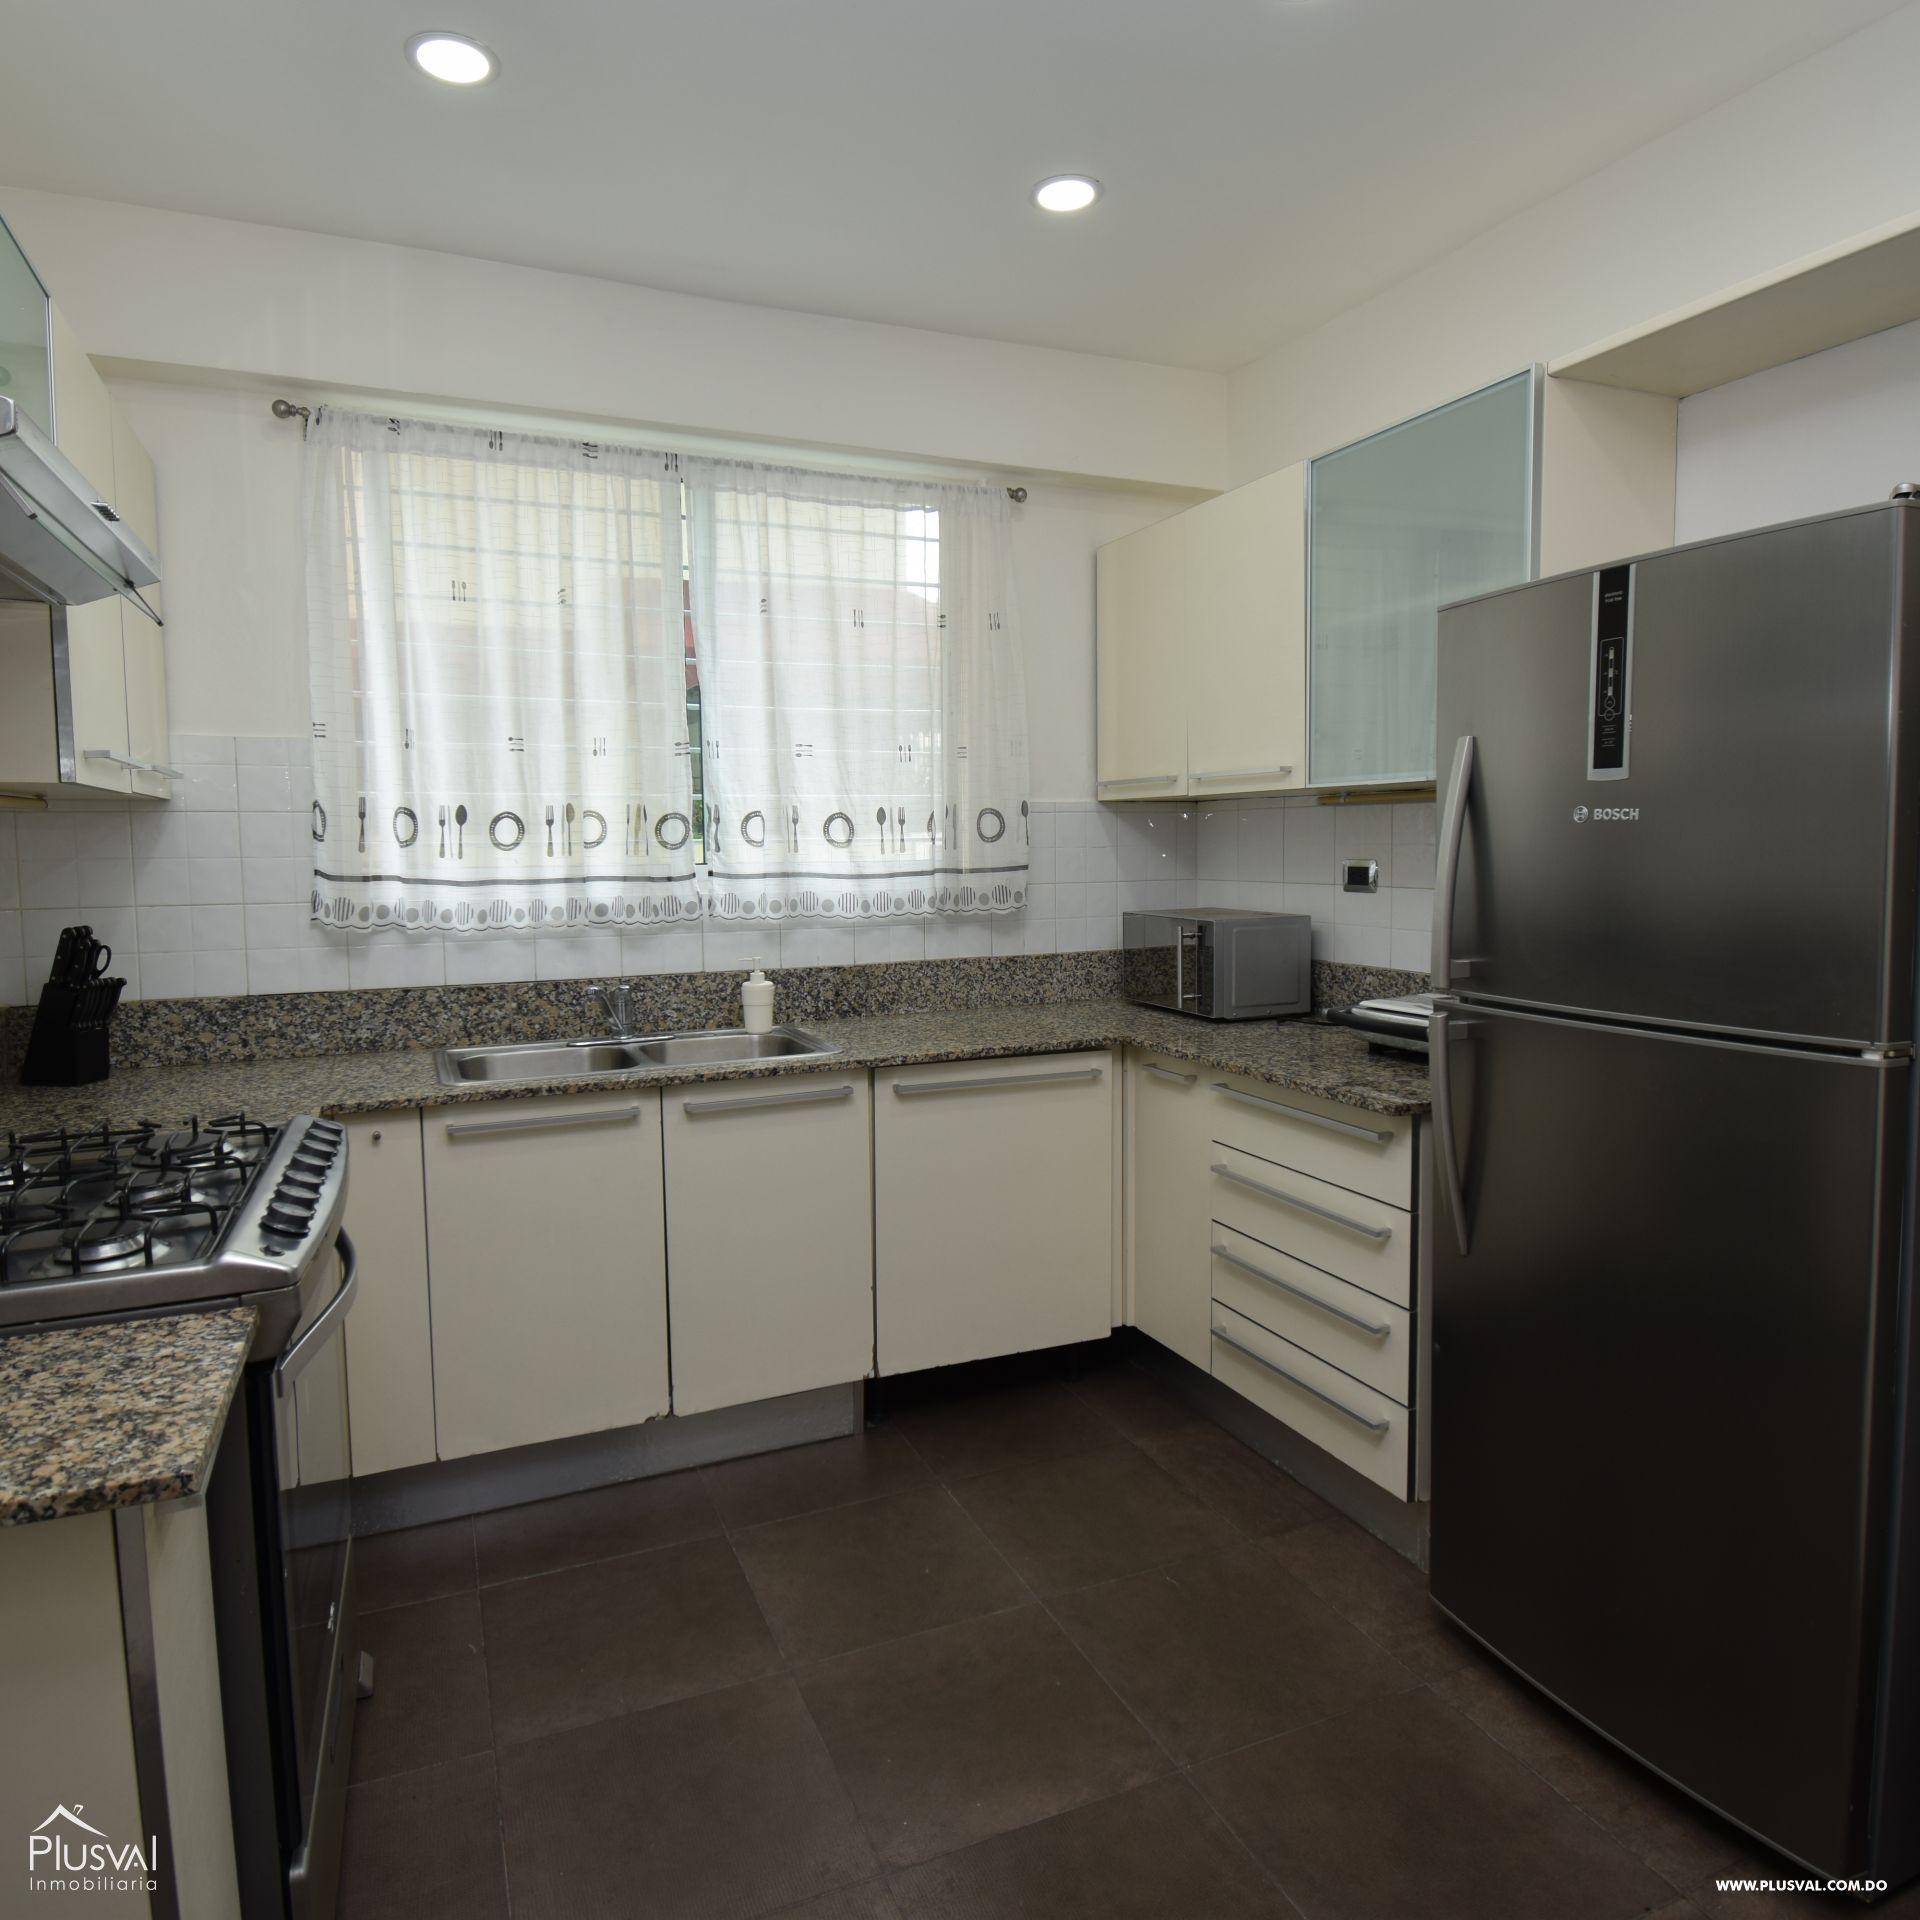 Apartamento en alquiler amueblado en Naco 154921